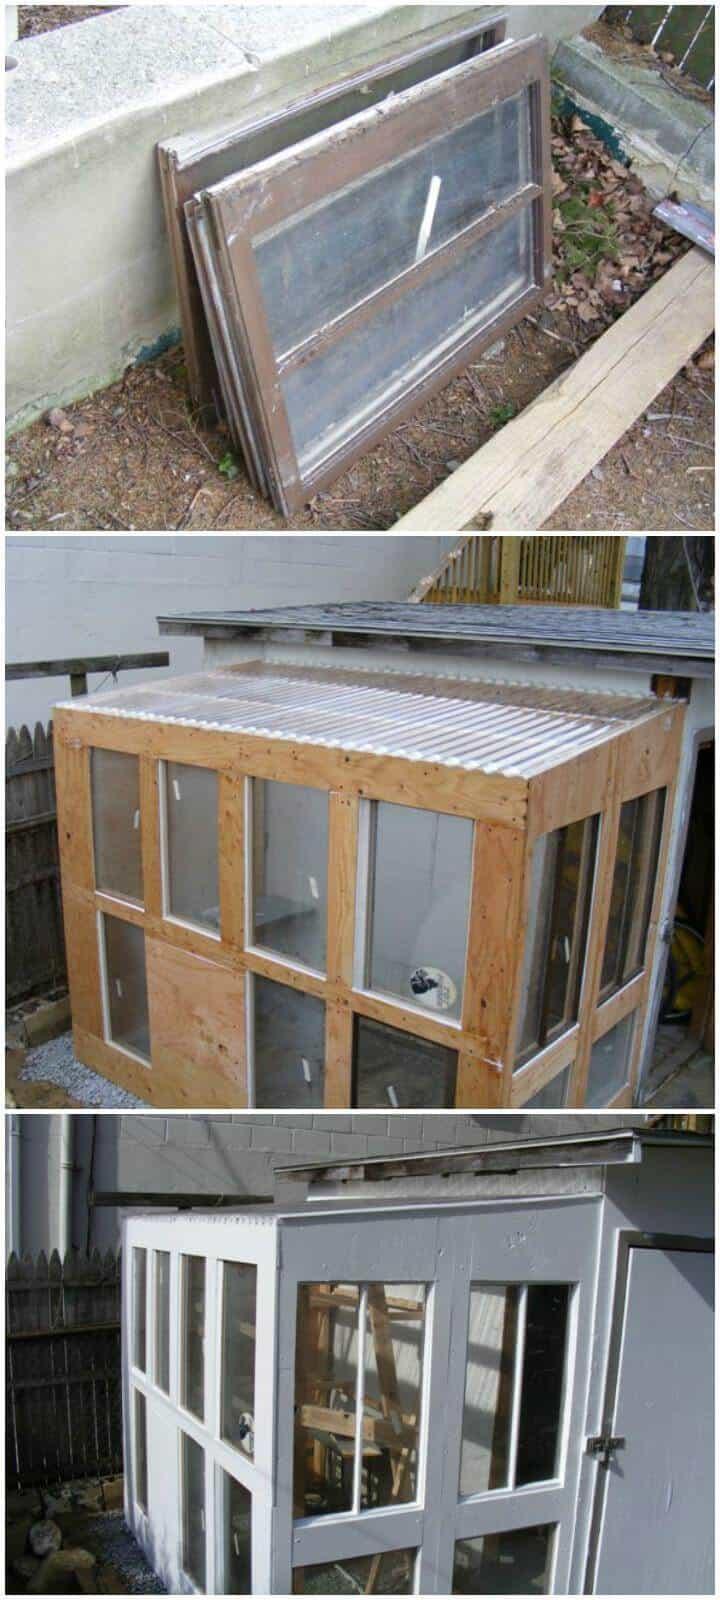 Invernadero urbano de ventanas viejas de bricolaje